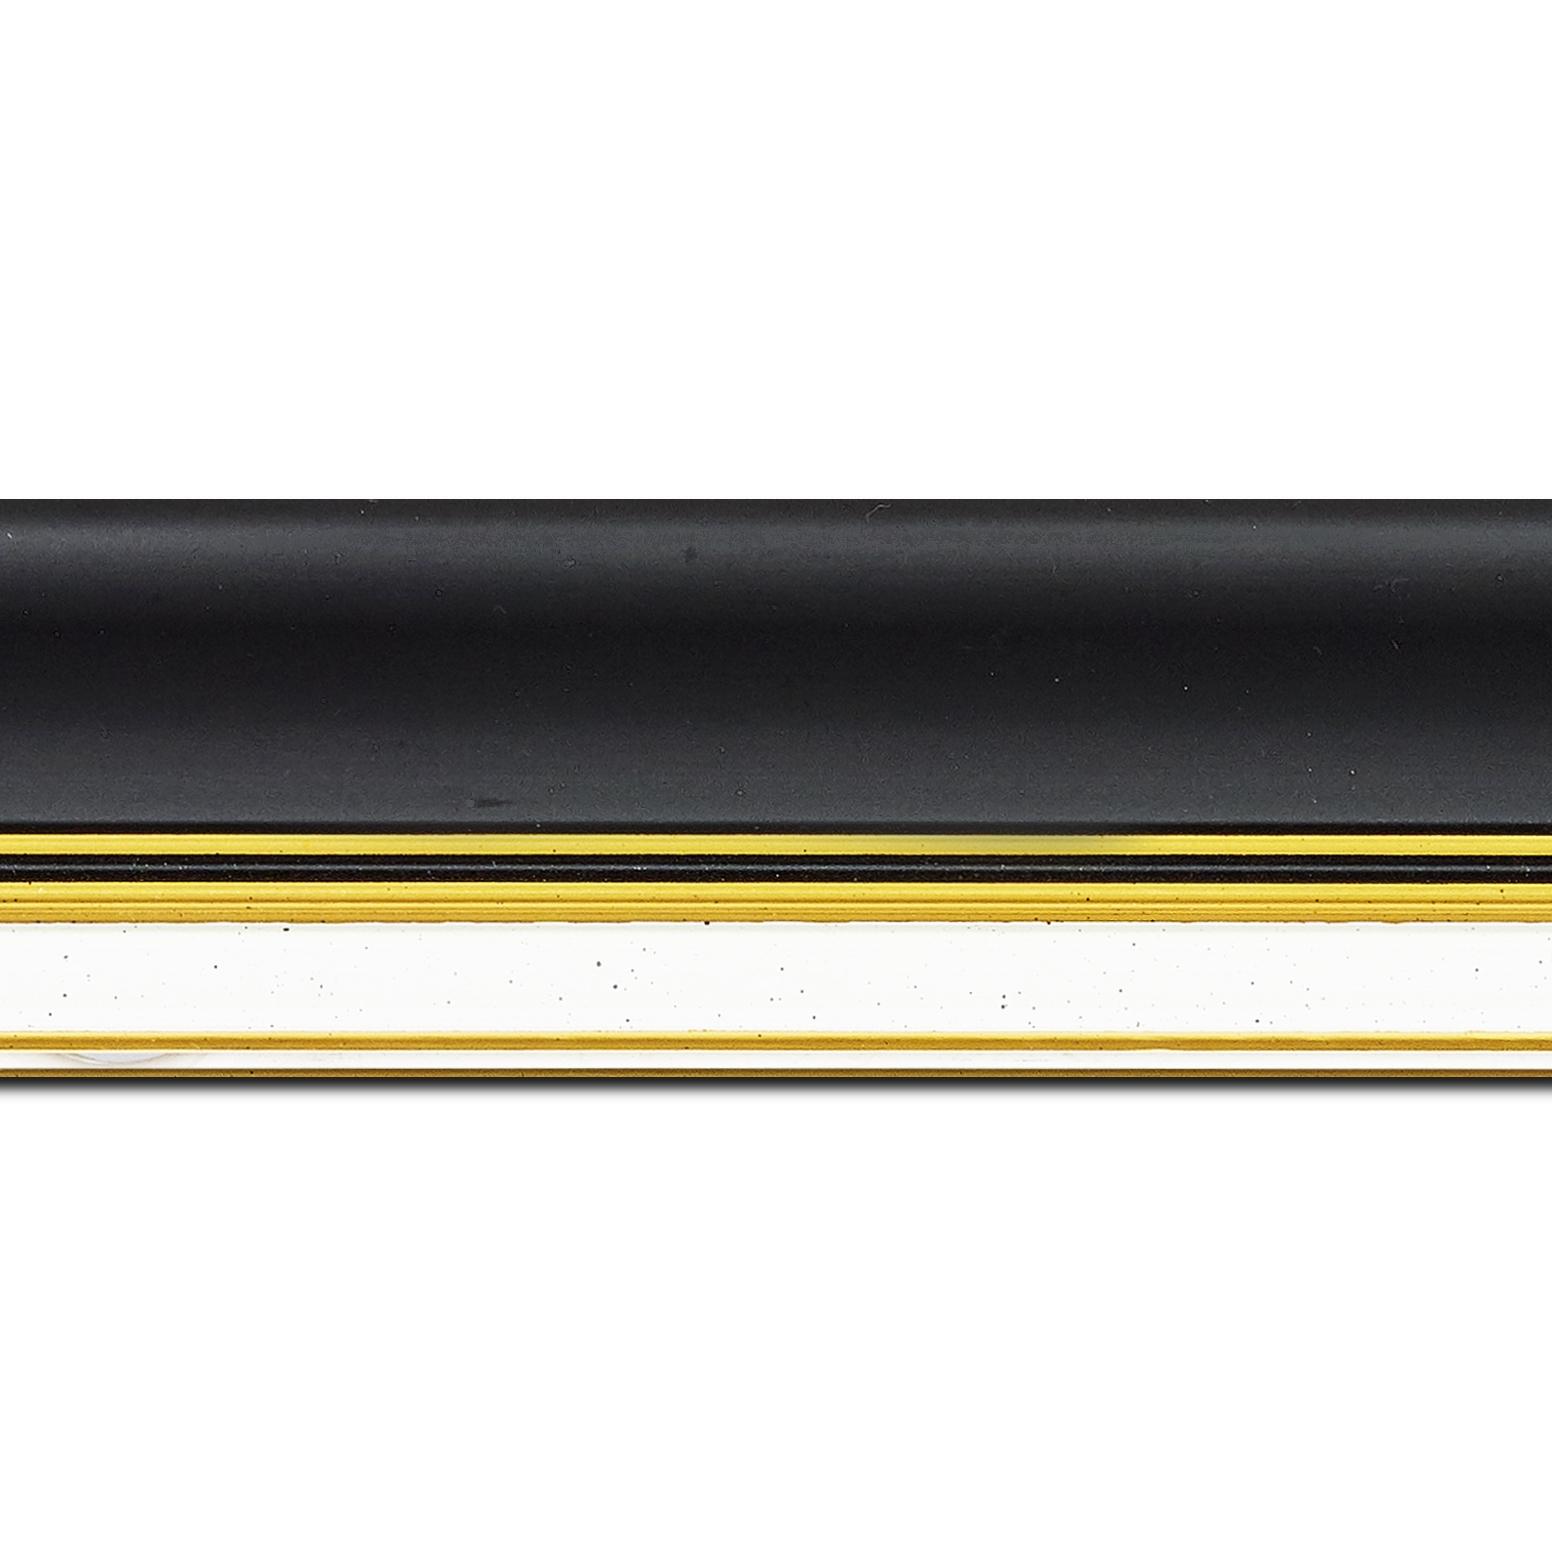 Baguette longueur 1.40m bois profil incurvé largeur 5.7cm de couleur noir mat marie louise blanche mouchetée filet or intégré